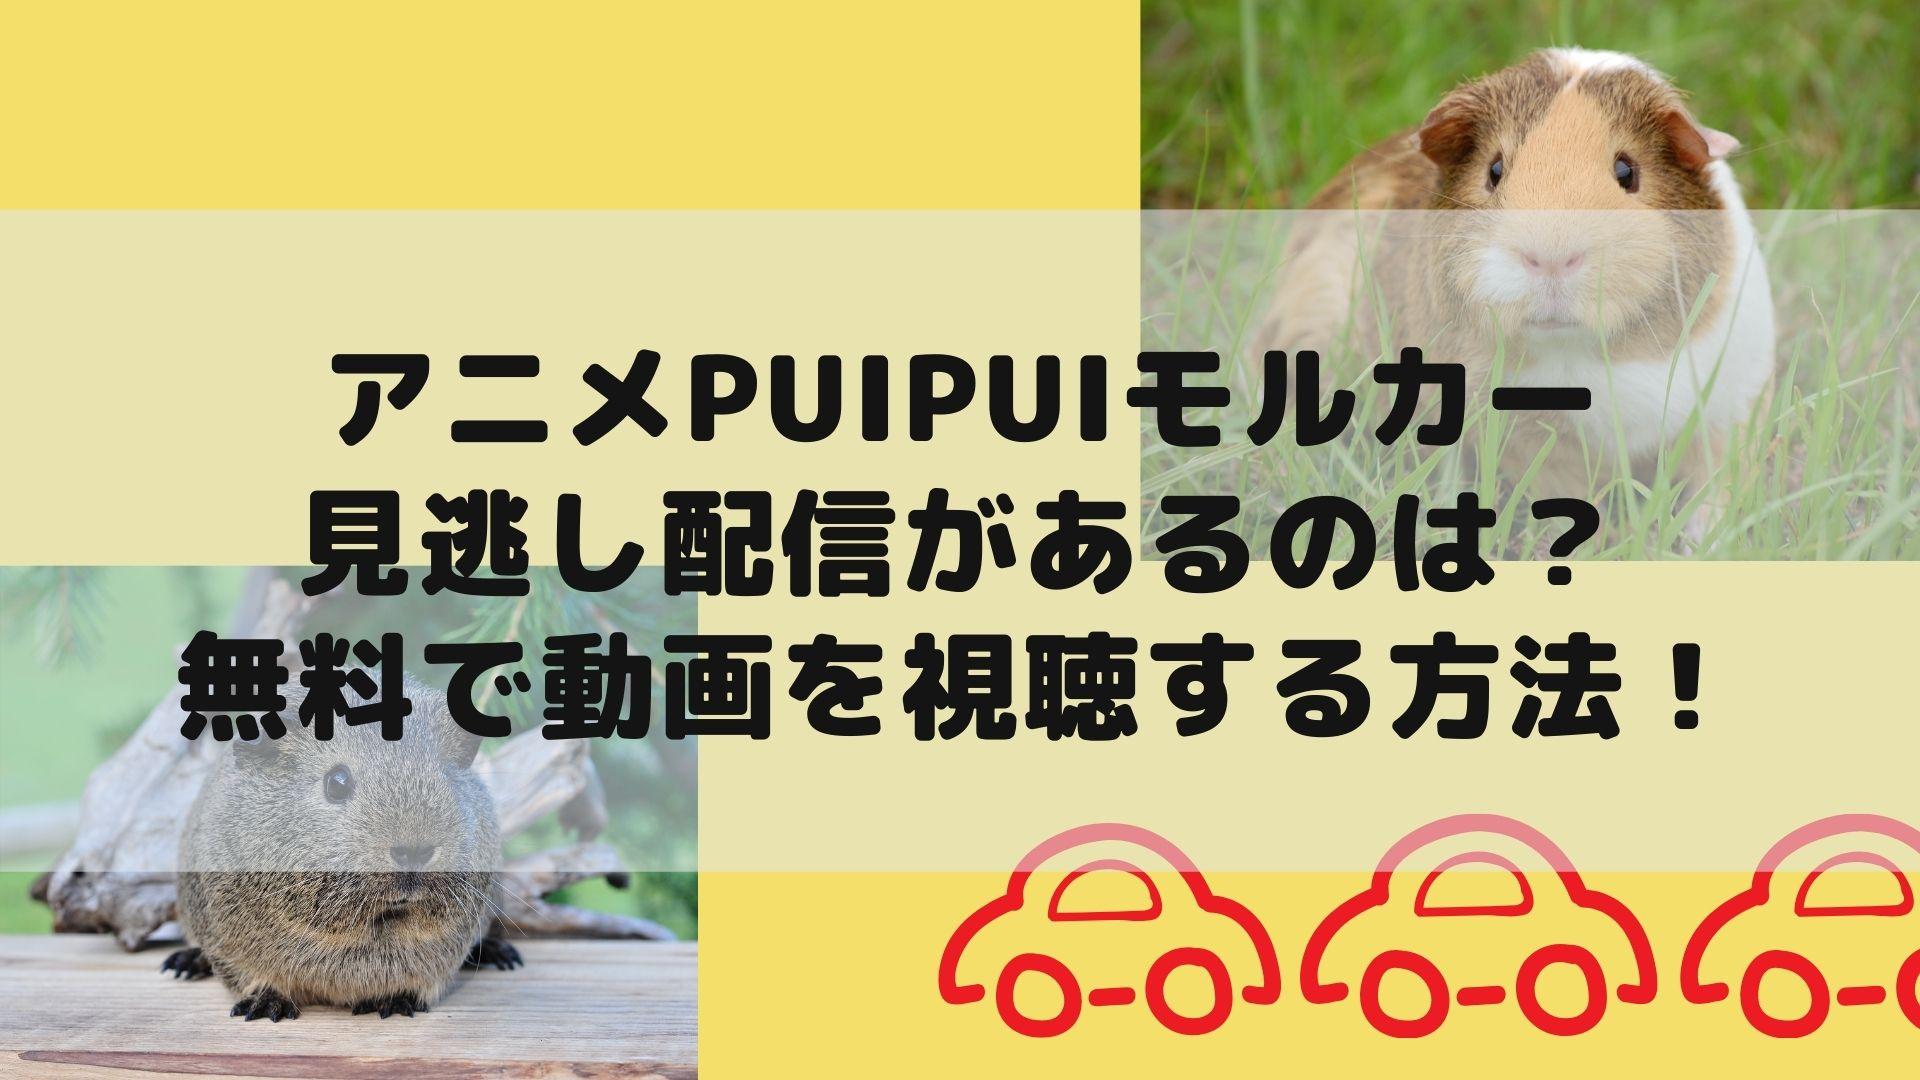 アニメPUIPUI(プイプイ)モルカーの見逃し配信があるのは?無料で動画を視聴する方法!タイトル画像